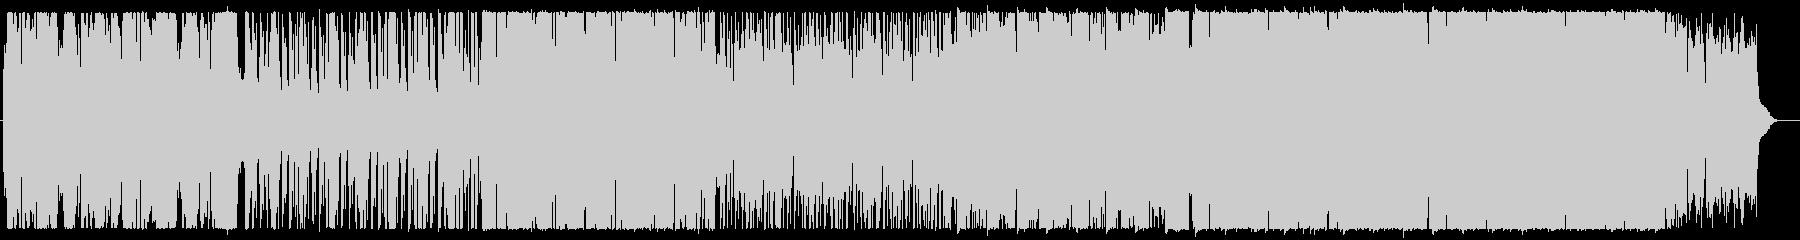 和楽器を使用したほのぼのPOPSの未再生の波形